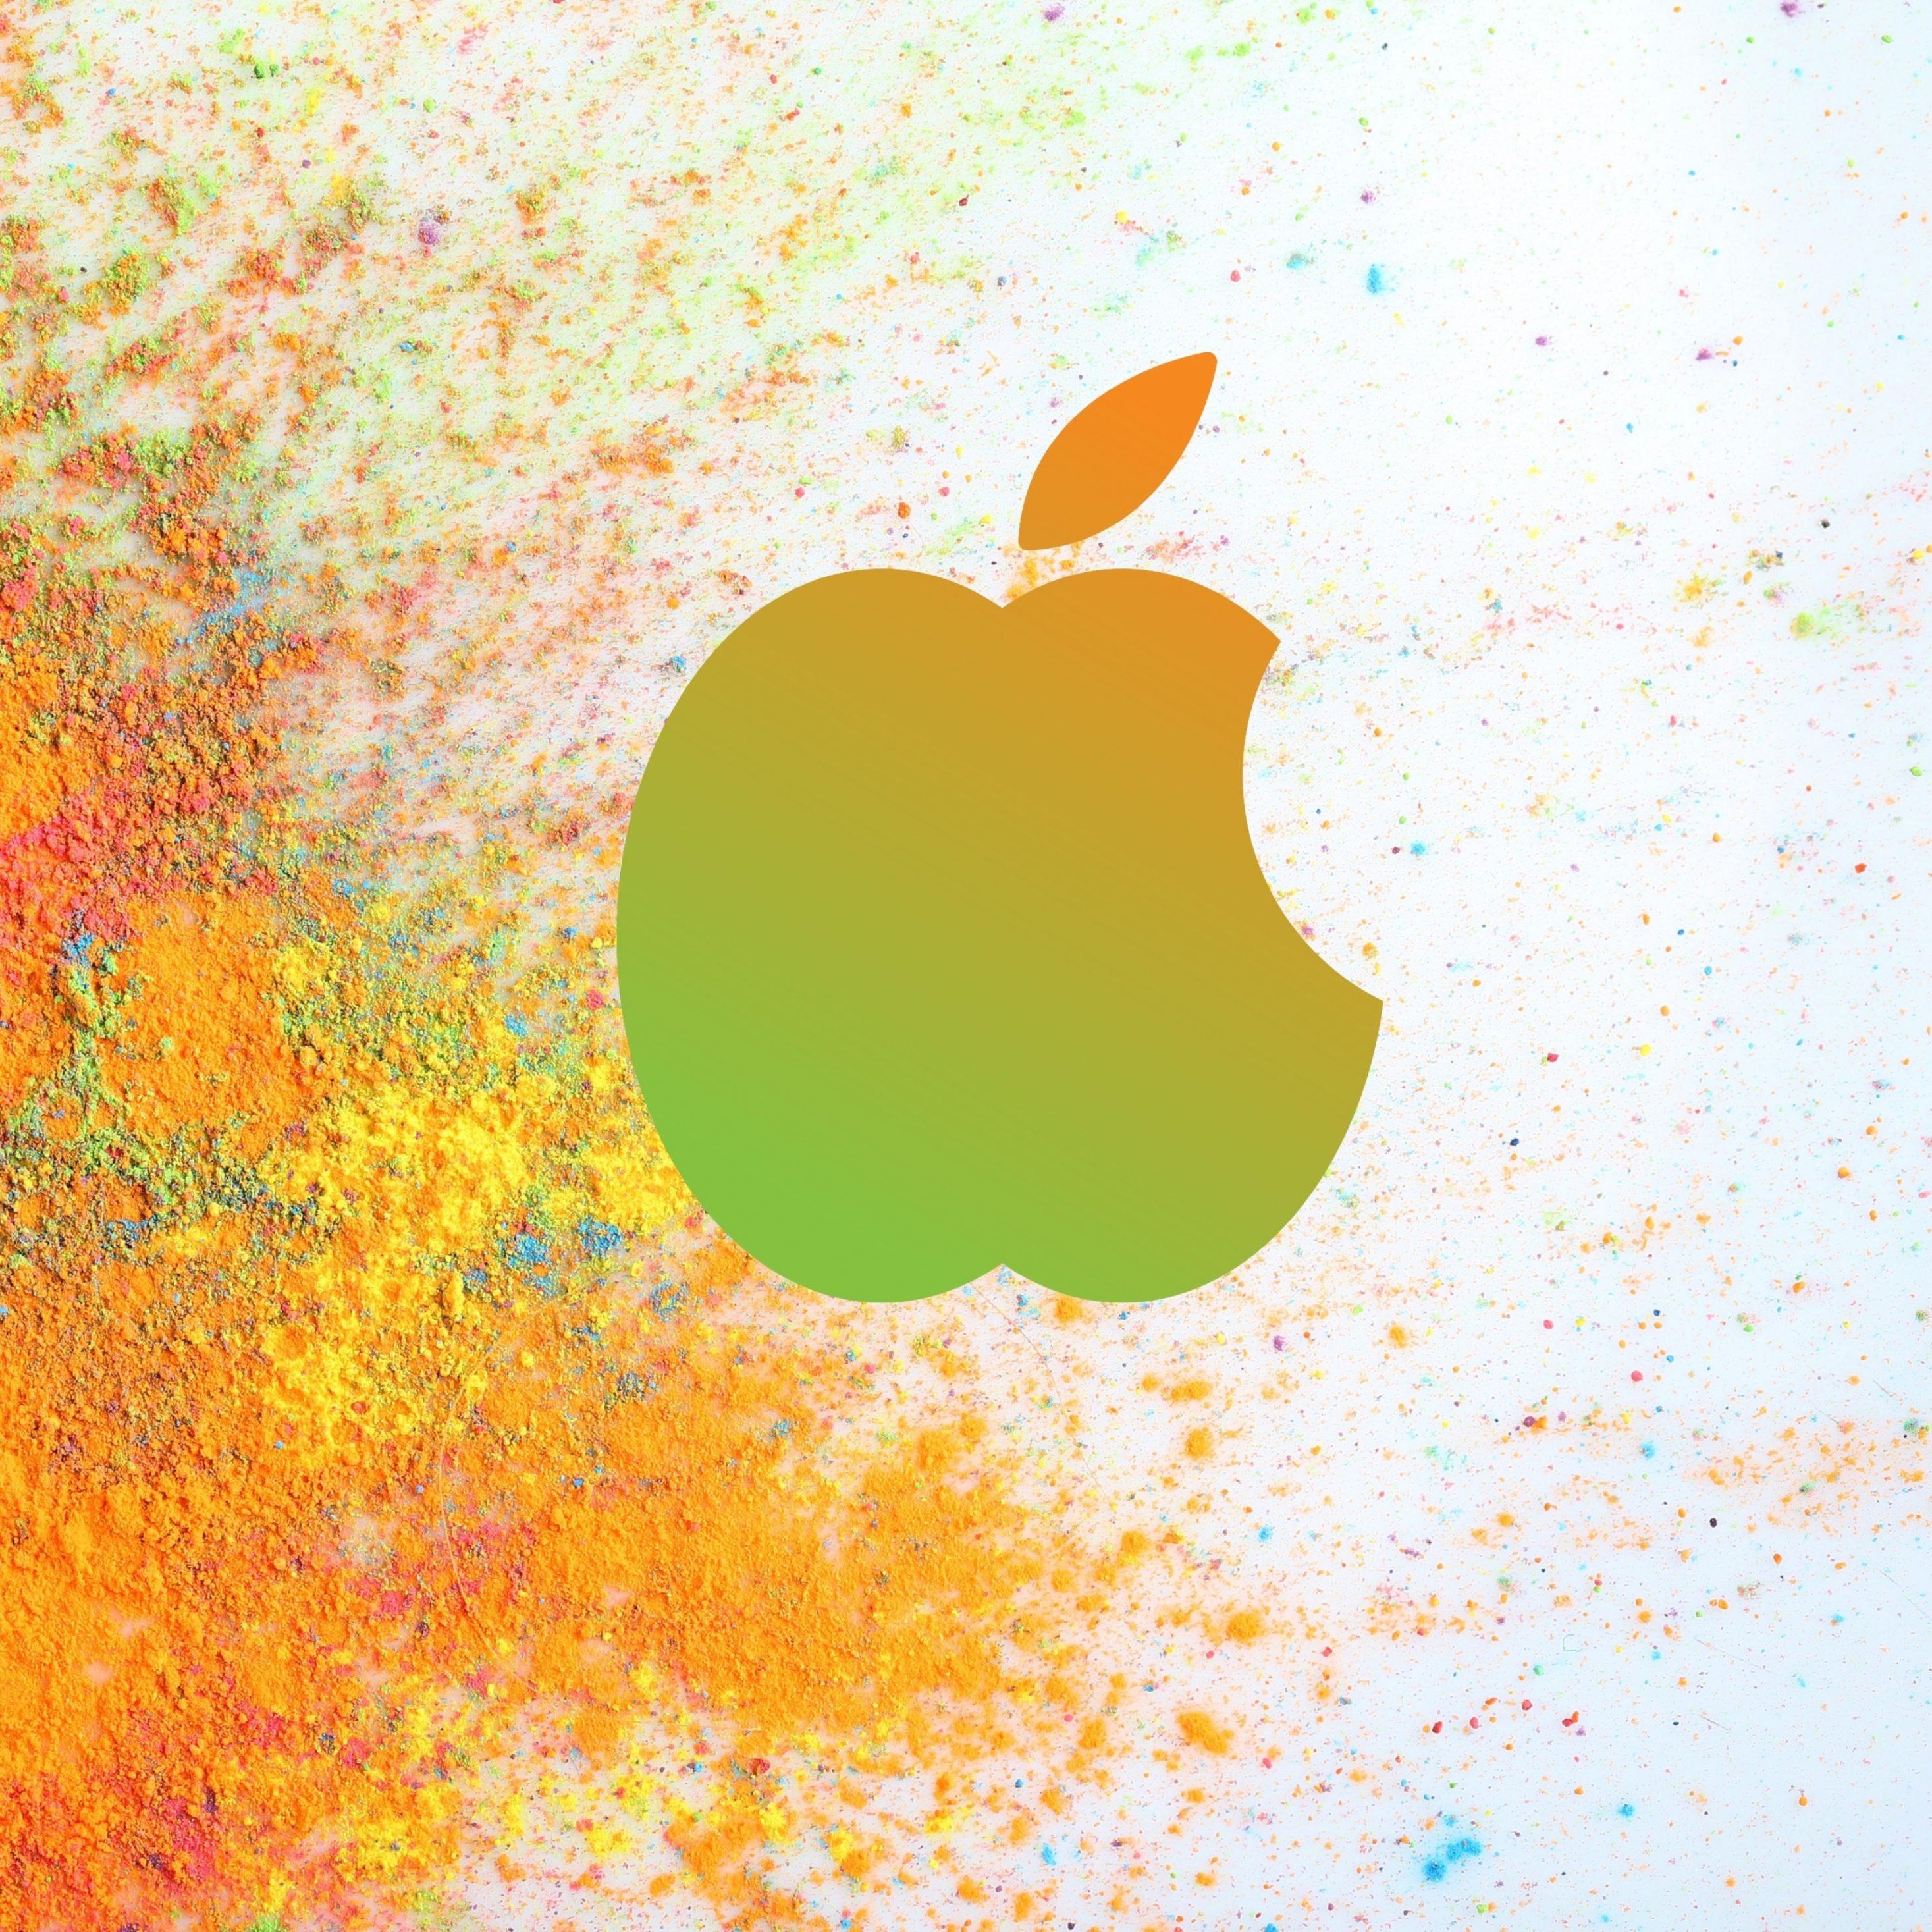 2934x2934 iOS iPad wallpaper 4k Apple 2021 iPad Wallpaper 2934x2934 pixels resolution